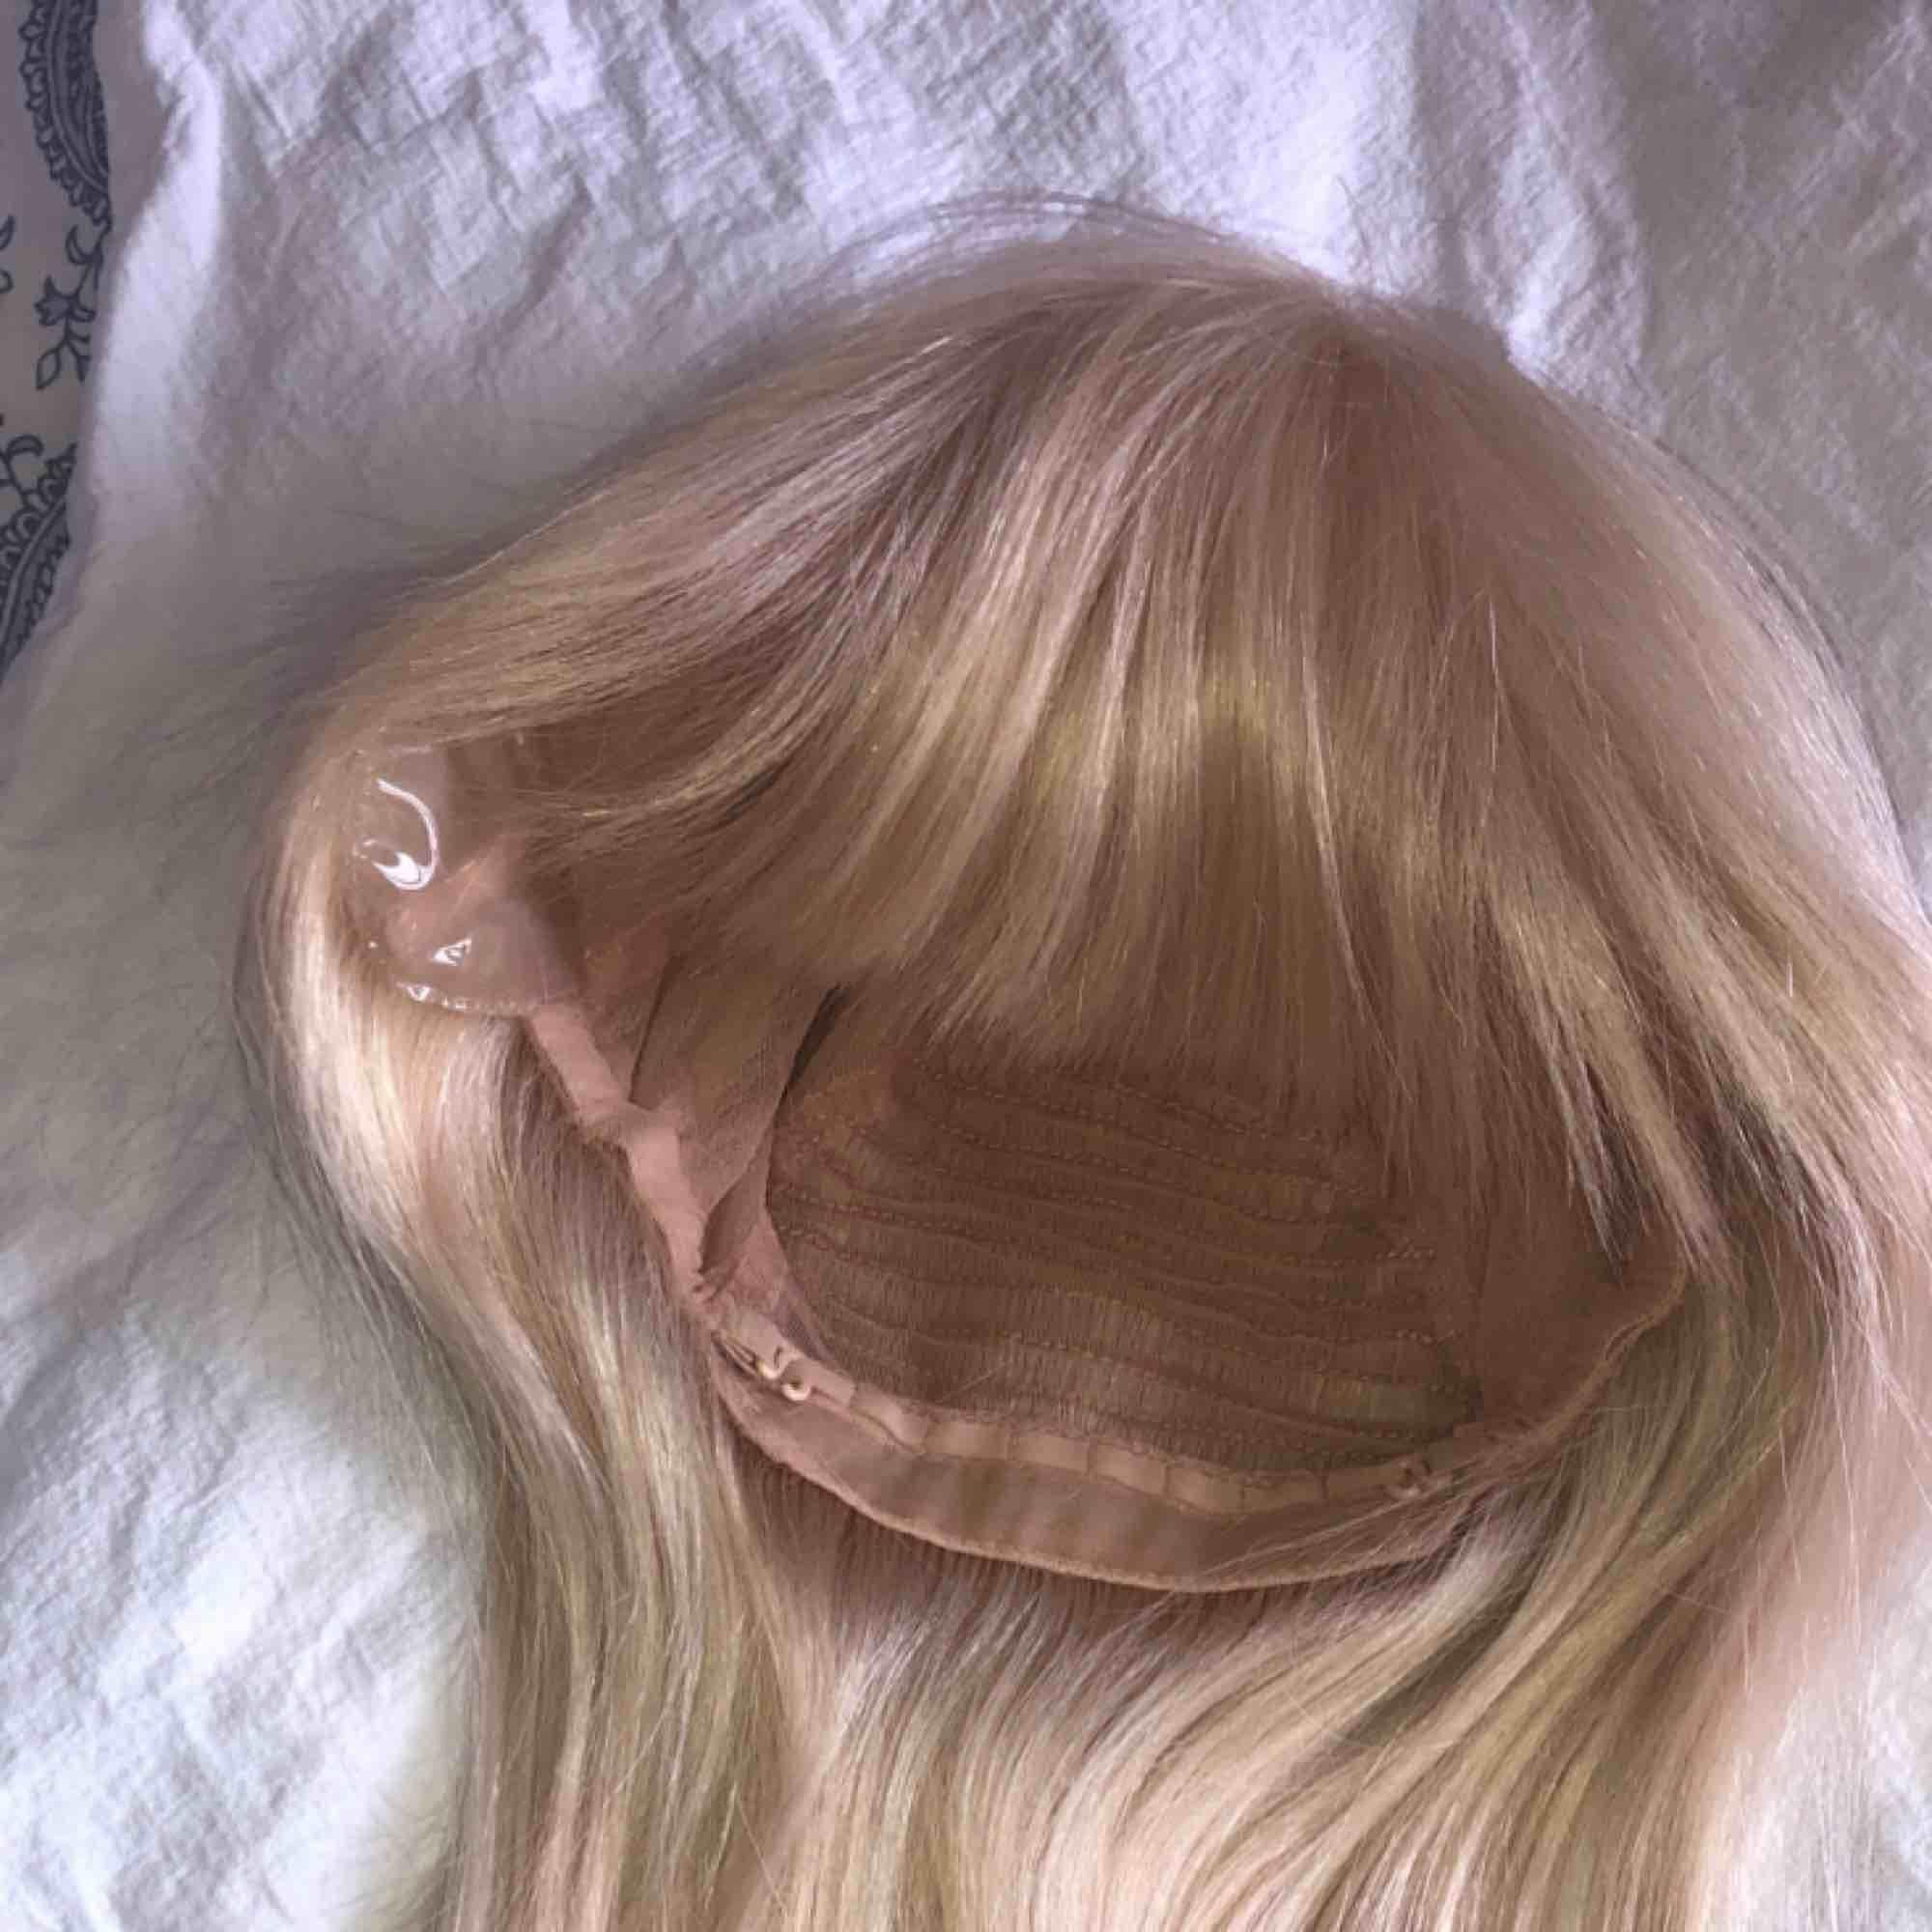 Säljer min blonda peruk i äkta hår, ljusblond från märket rapunzel of sweden! Köpt för 7000, använd 3 gånger. Klippt i lugg & går att styla som vanligt hår. Accessoarer.